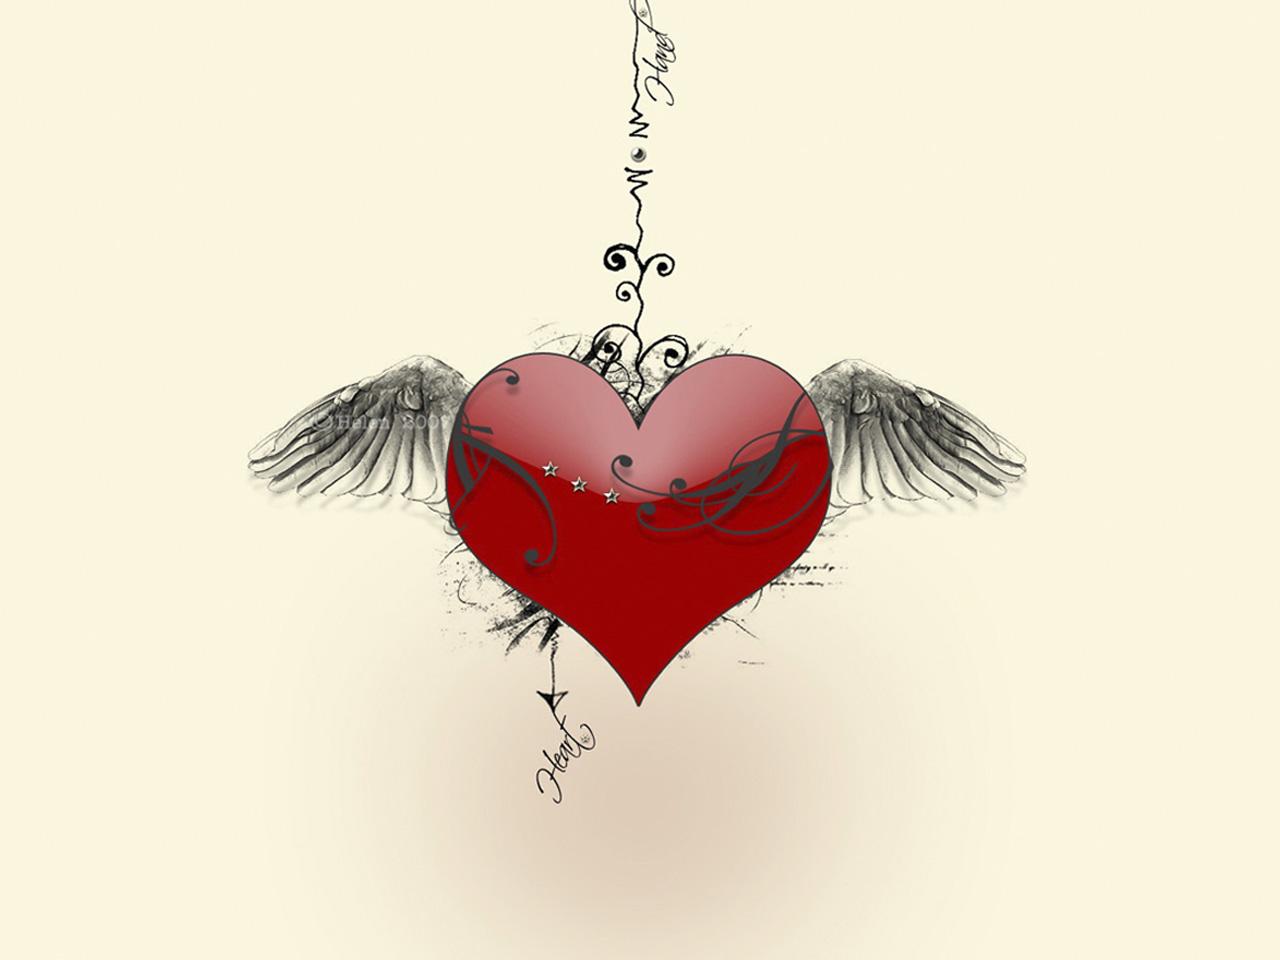 Картинки ко дню всех влюбленных